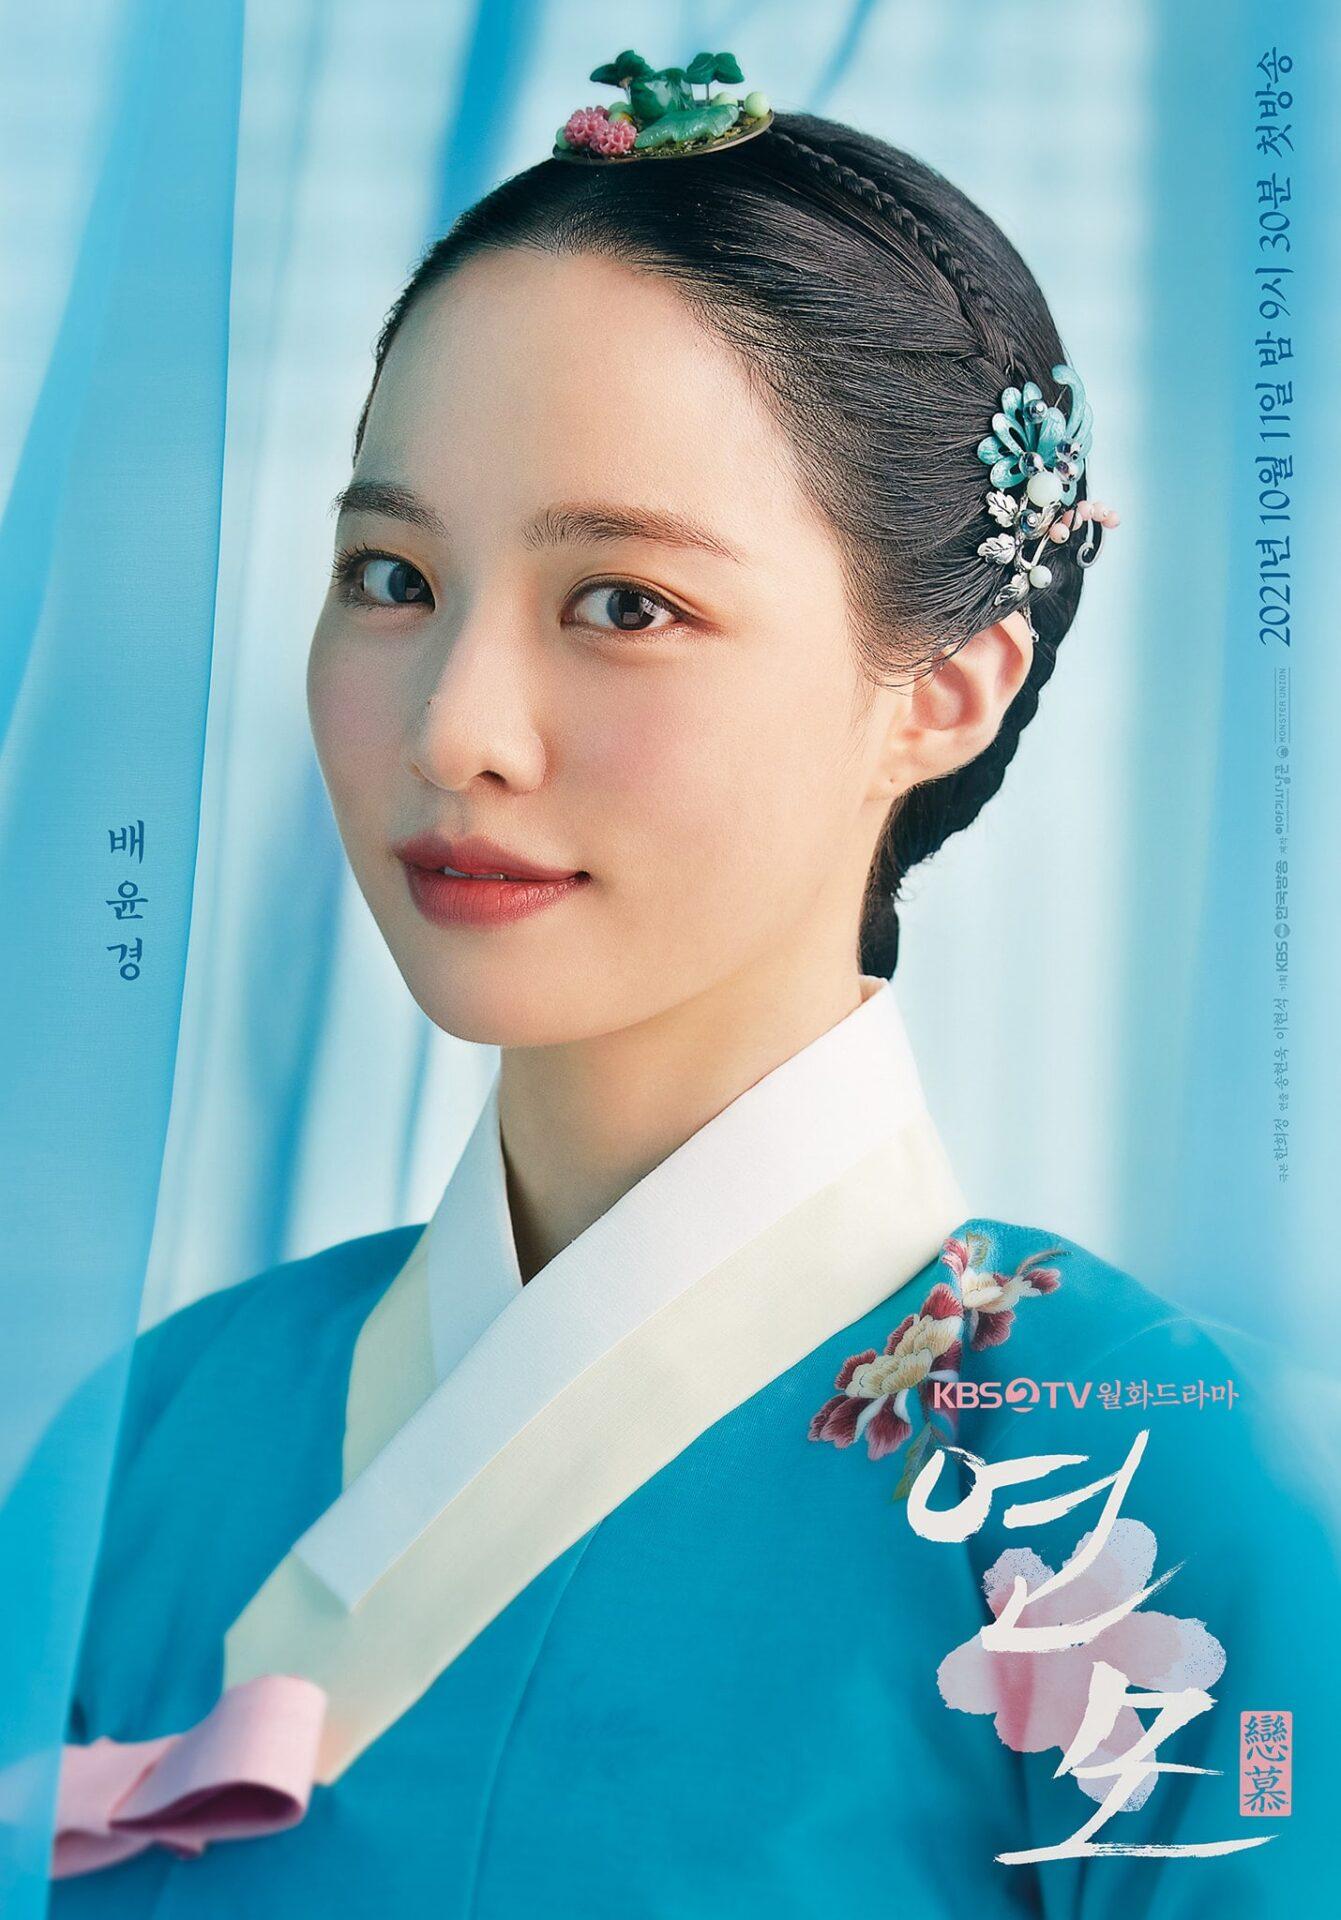 O Rei de Porcelana | Série romântica sul-coreana na Netflix com Park Eun-bin e RoWoon, integrante do grupo de k-pop SF9